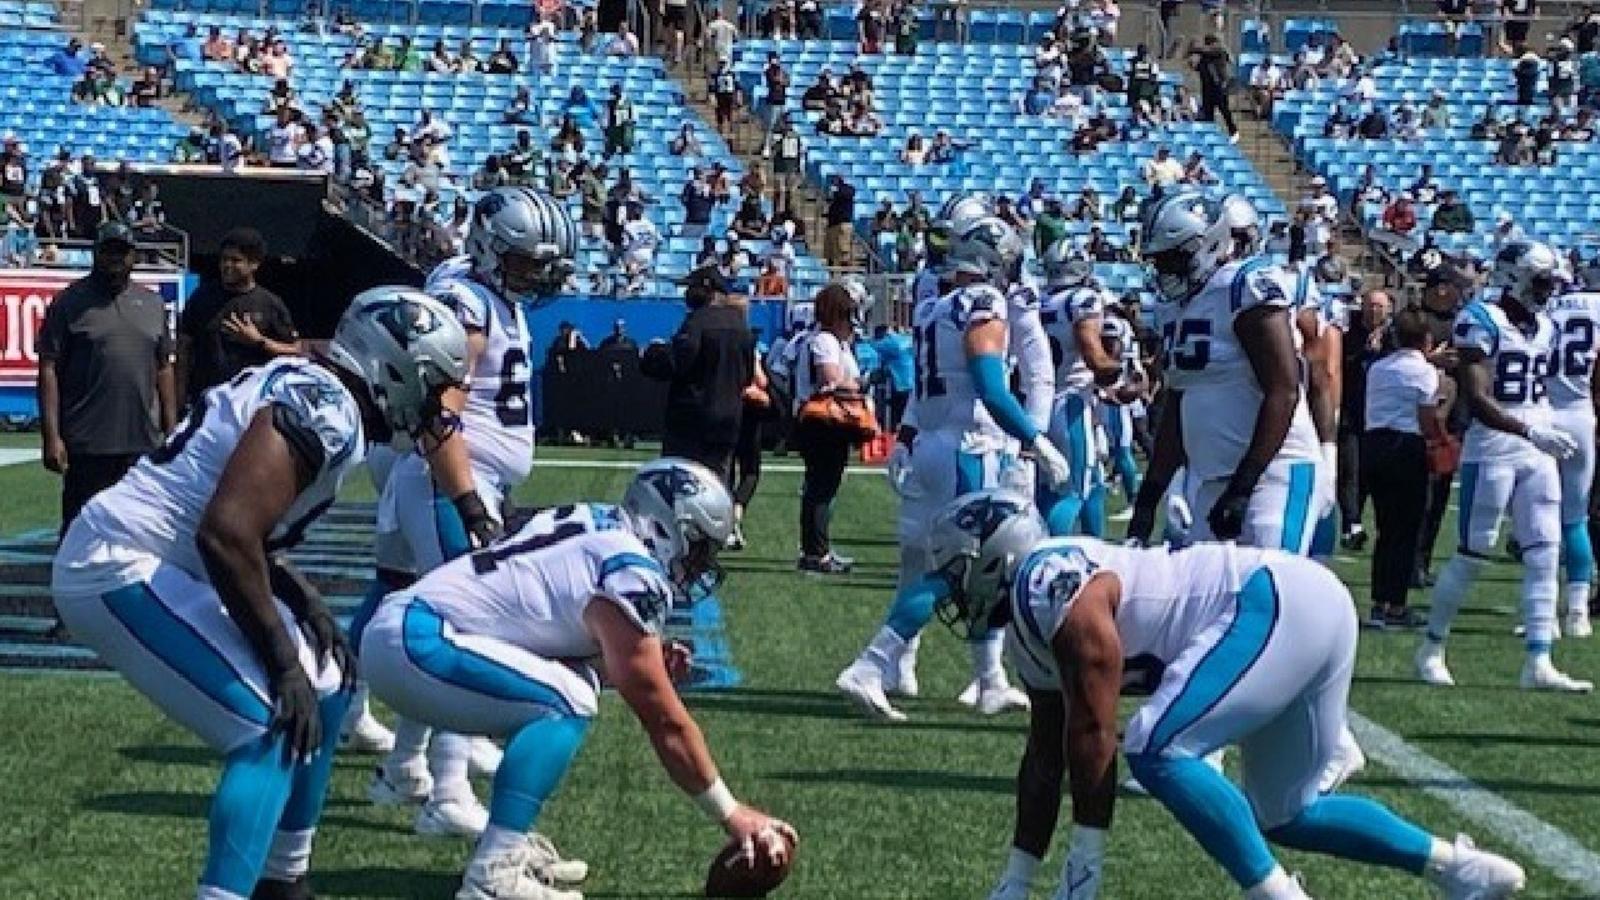 Darnold, pertahanan memimpin Panthers melewati Jets 19-14 di pembuka